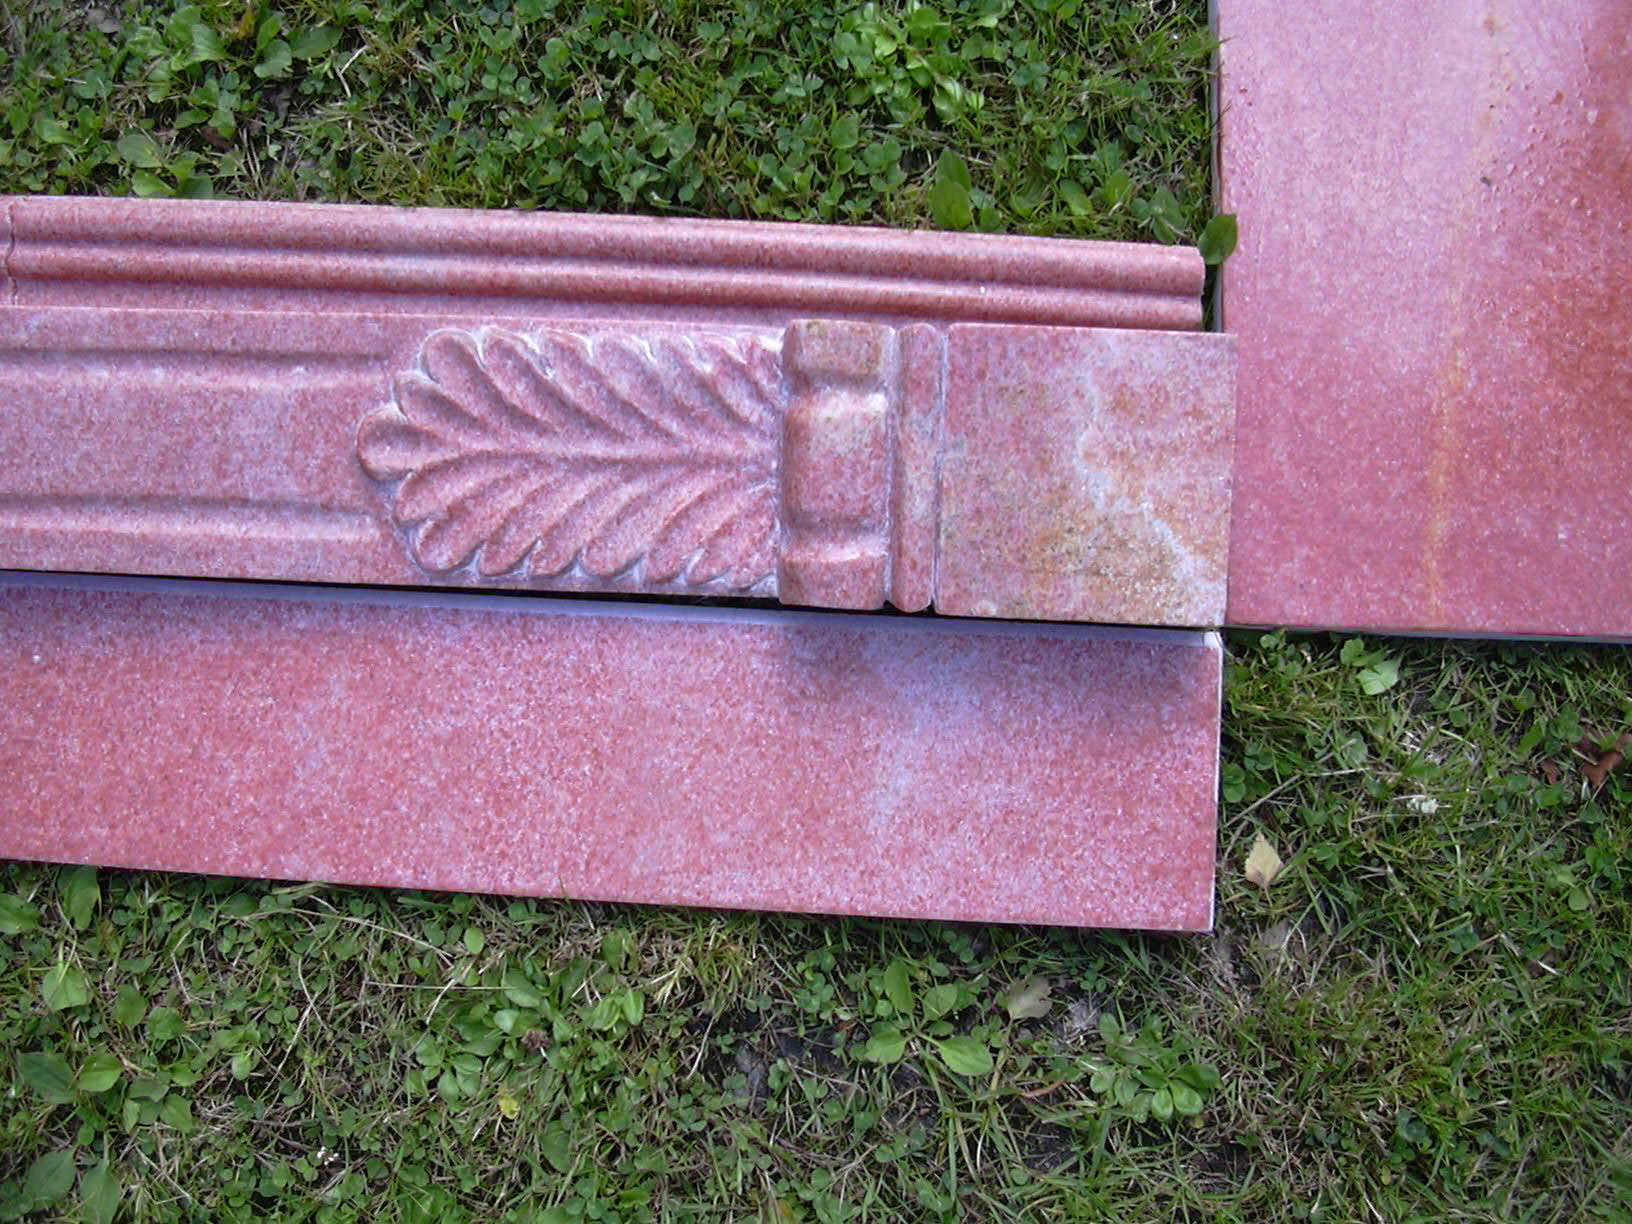 #85466423627548 Roze Marmeren Schouw In De Louis XV Stijl Schouw Oude Bouwmaterialen Meest effectief Design Meubels Faillissement 2165 behang 163212242165 afbeeldingen